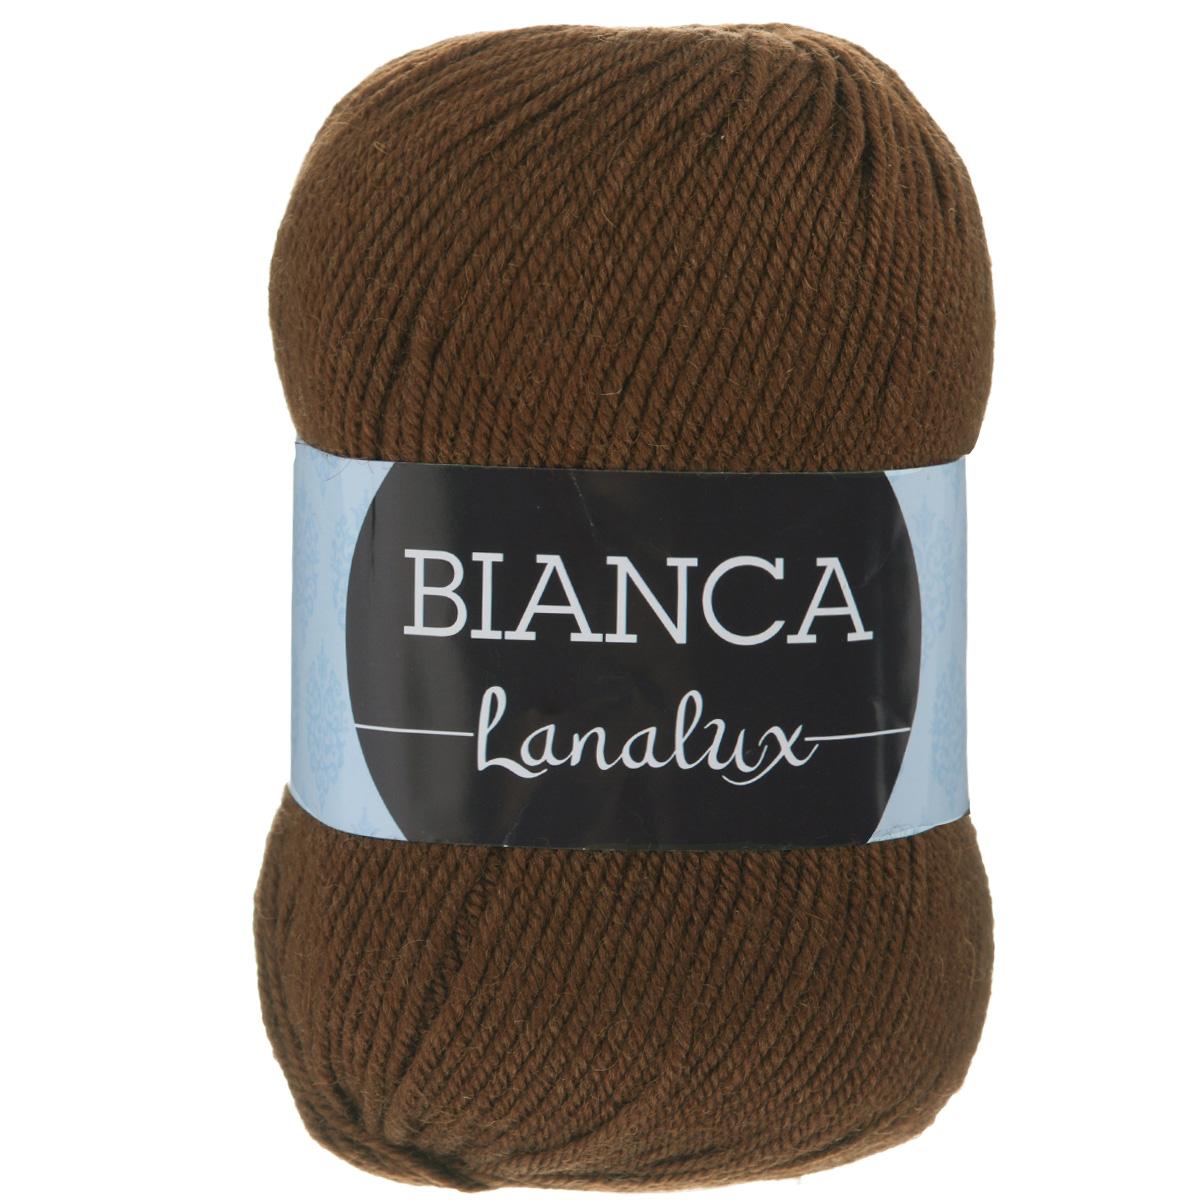 Пряжа для вязания YarnArt Bianca LanaLux, цвет: шоколадный (864), 250 м, 100 г, 5 шт372093_864Пряжа YarnArt Bianca LanaLux - это классическая чистошерстяная пряжа для вязания. Нить очень мягкая, приятная на ощупь, слегка шелковистая, упругая и не колется. Изделия из нее получаются теплыми и нежными, не теряют форму. Пряжа подходит для вязания платьев, кардиганов, жилетов и джемперов. Рекомендованные спицы и крючок для вязания 4 мм. Состав: 100% шерсть.